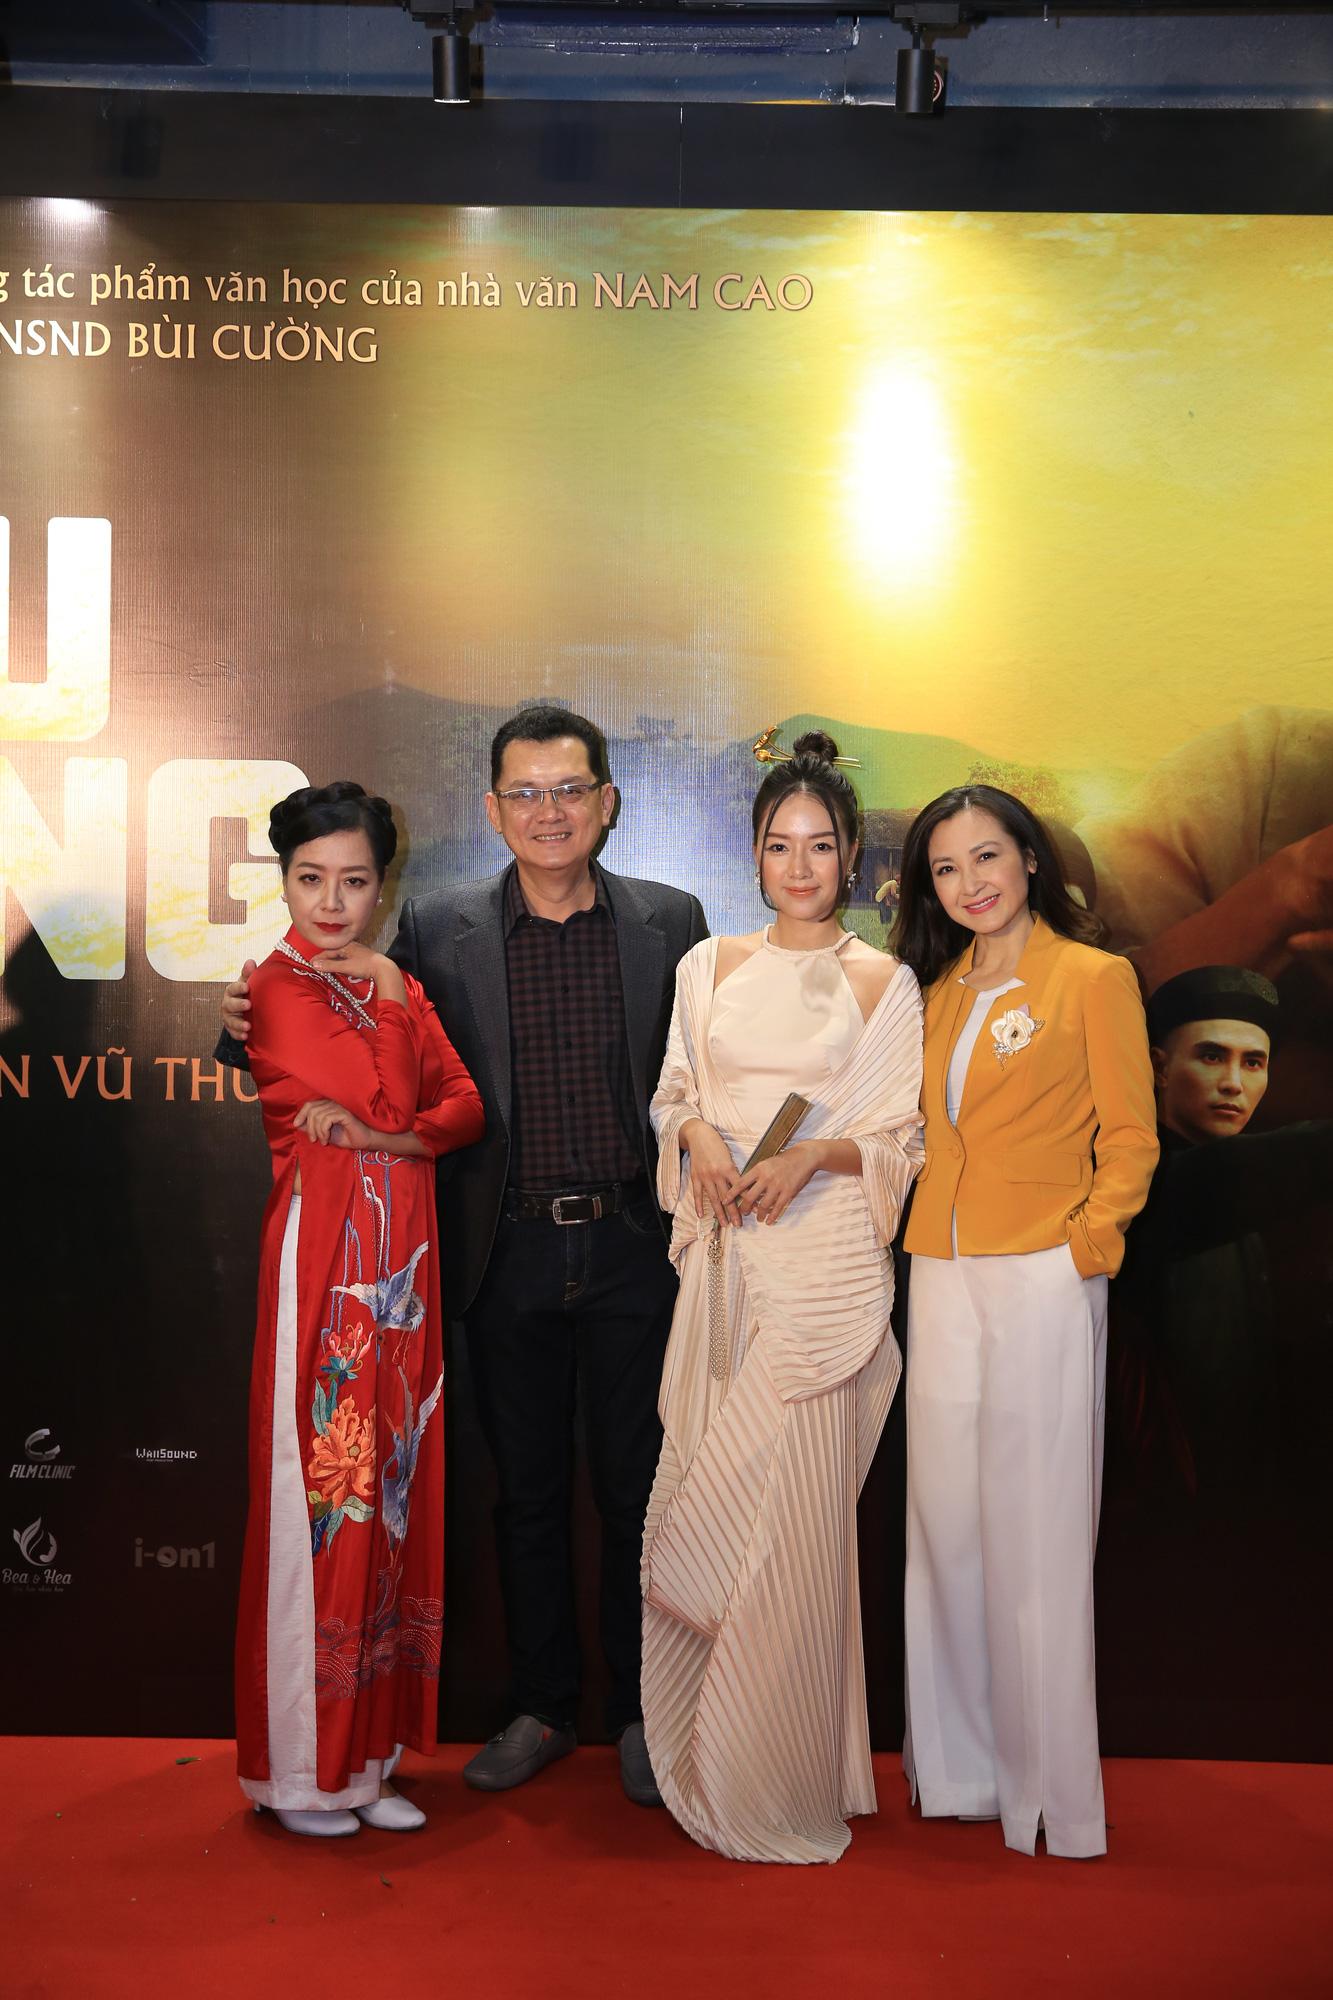 """Dàn diễn viên bắc nam đổ bộ tại buổi ra mắt """"Cậu Vàng"""" tại Hà Nội - Ảnh 2."""